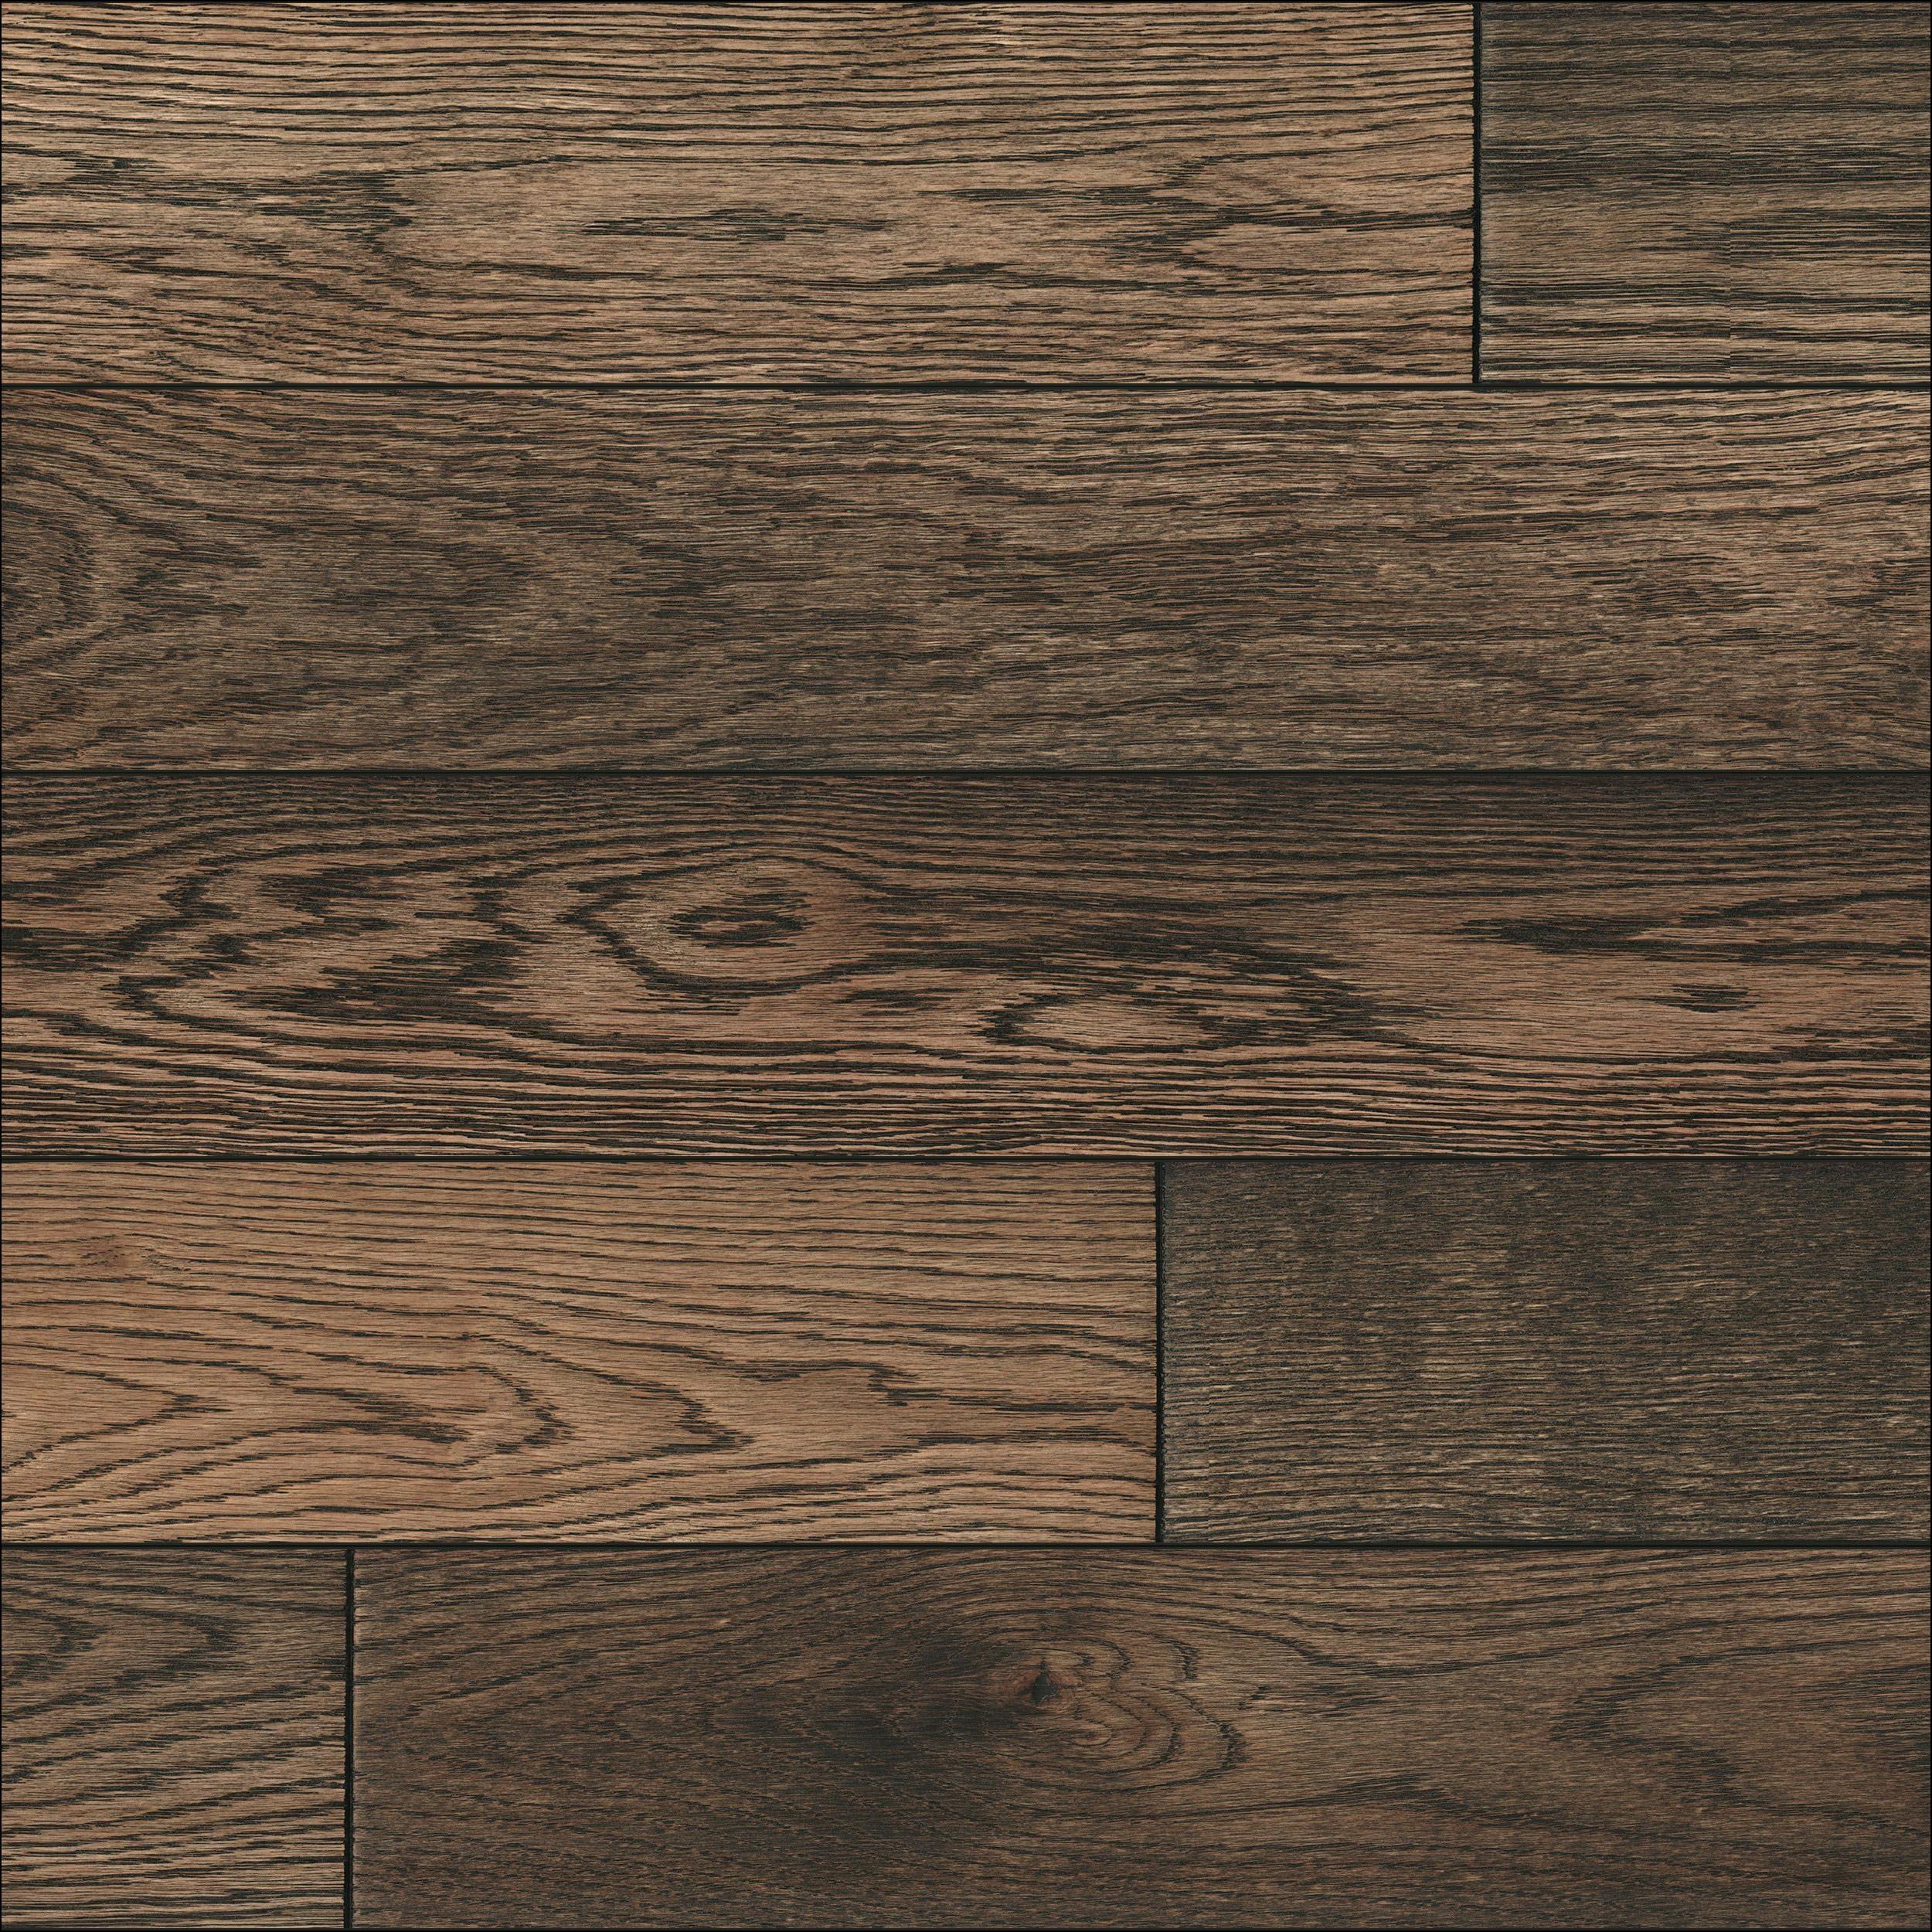 17 Great Menards Hardwood Flooring Reviews 2021 free download menards hardwood flooring reviews of wide plank flooring ideas with wide plank dark wood flooring timber hardwood wheat 5 wide solid hardwood flooring of wide